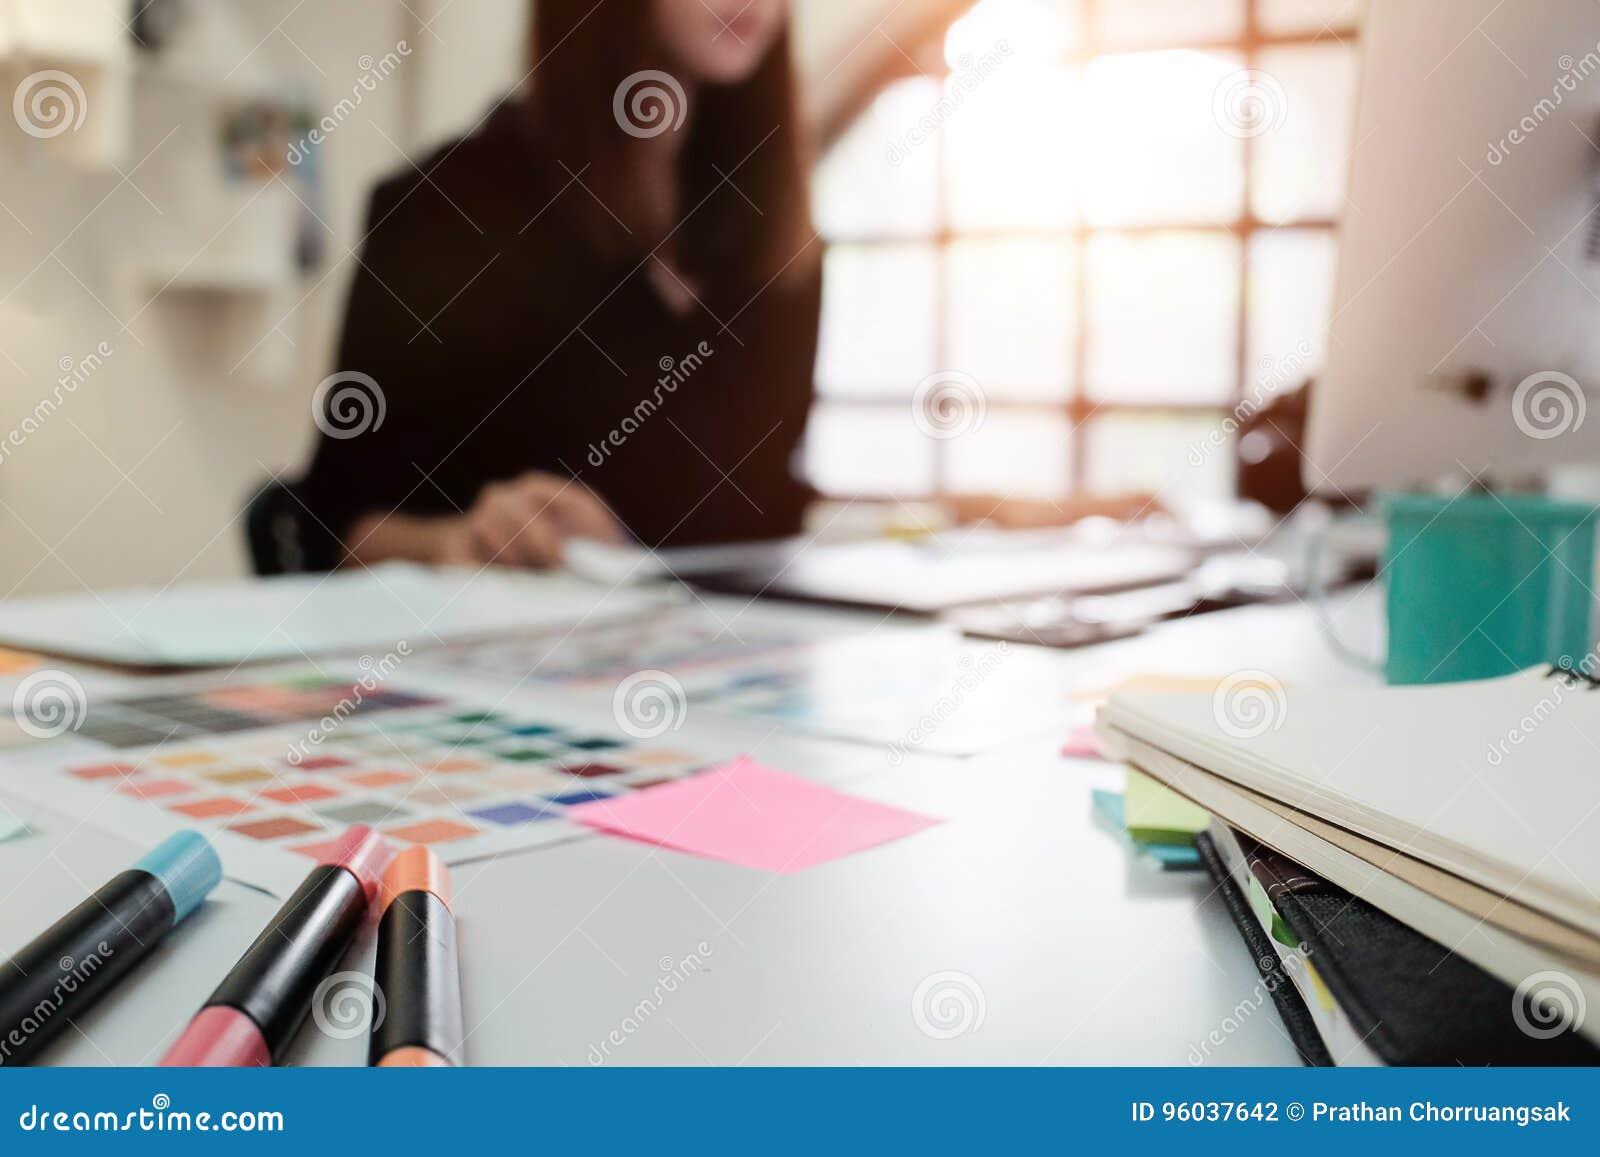 Borrão criativo do projeto gráfico da tabela e da mulher